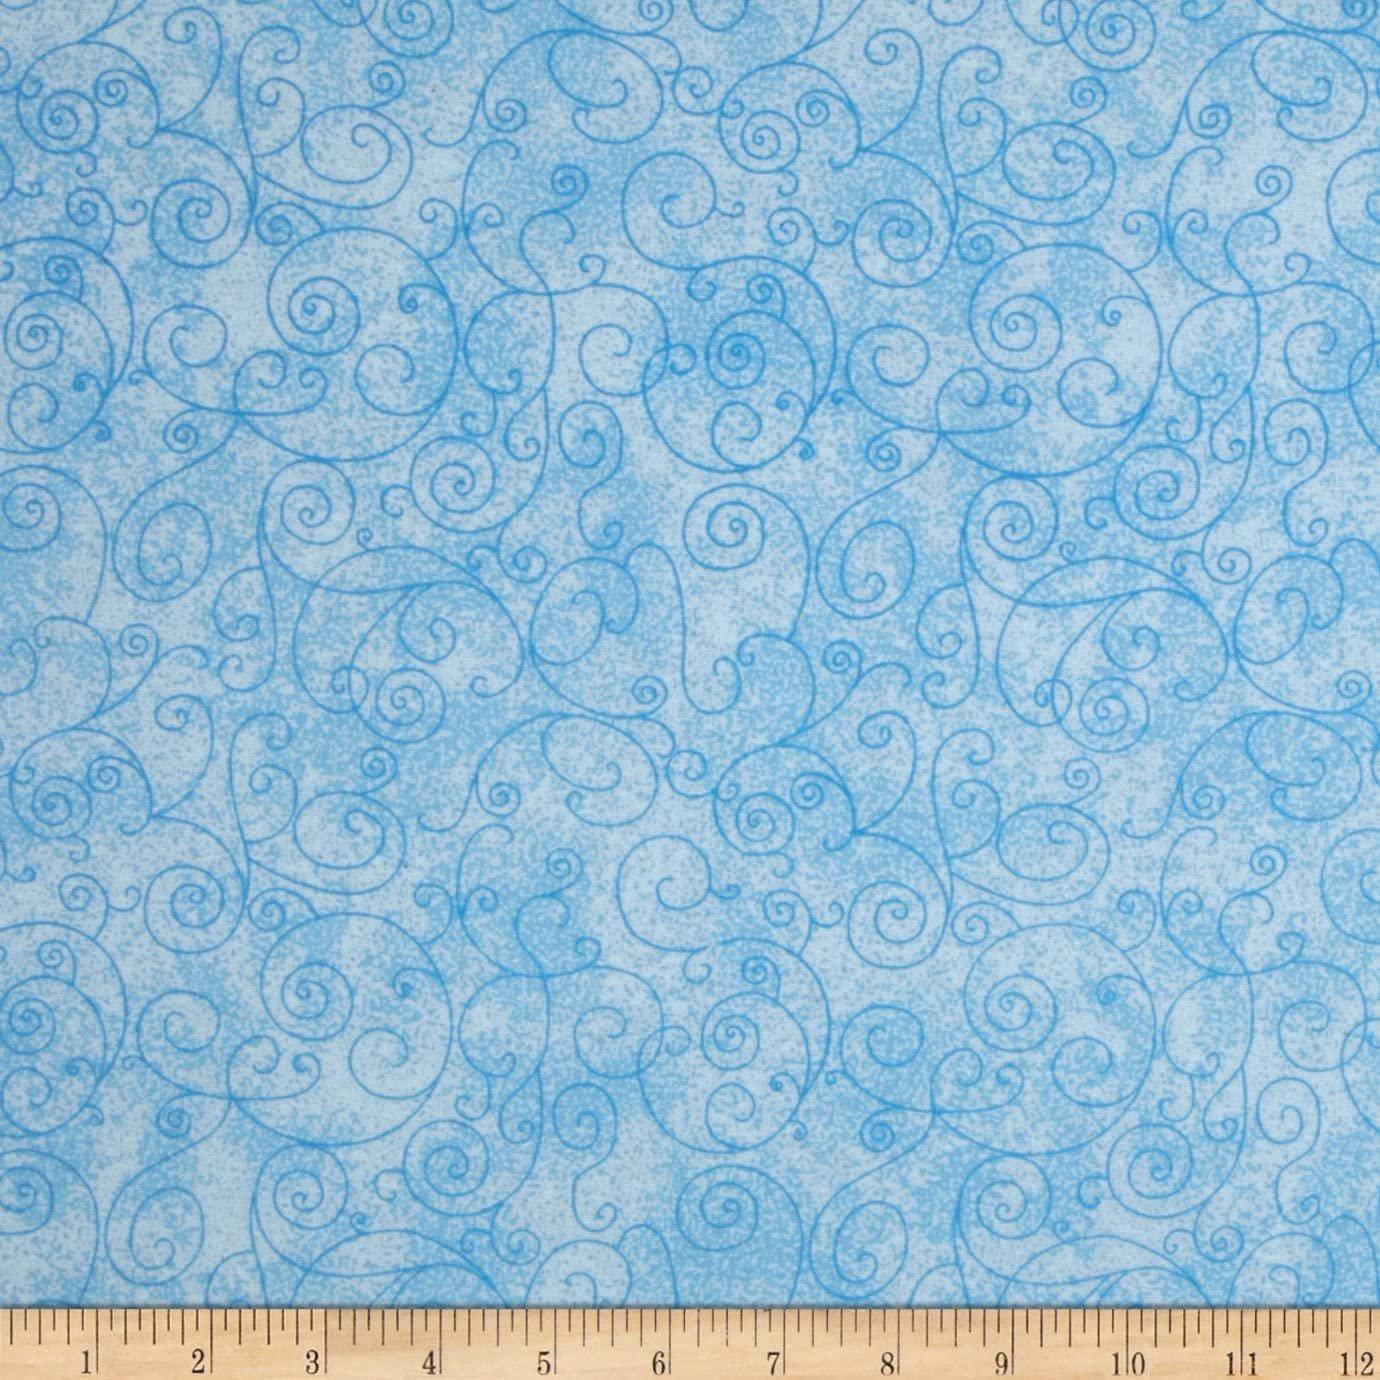 110 Willow Flannel Lt Blue Swirl